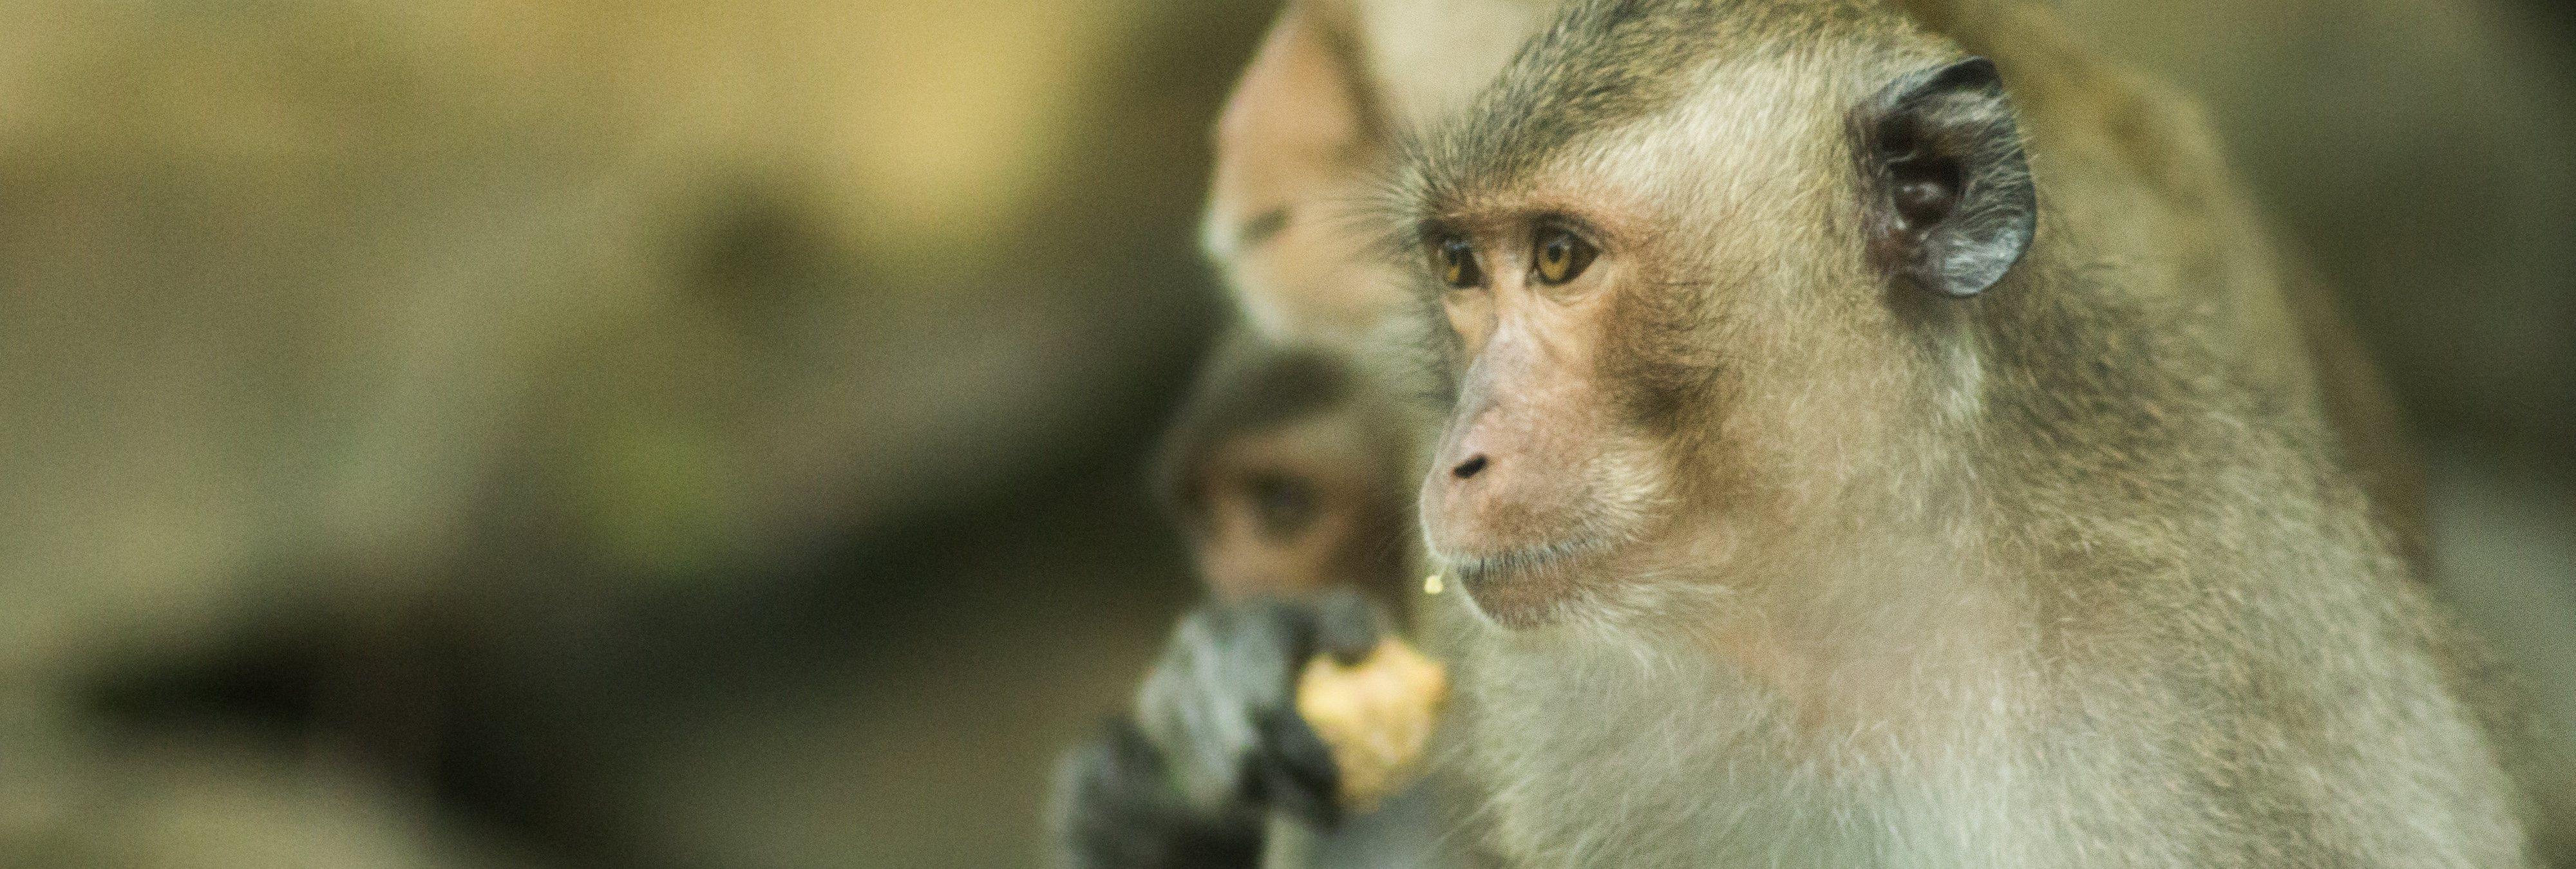 Monos transgénicos: les implantan genes humanos para crear simios superinteligentes